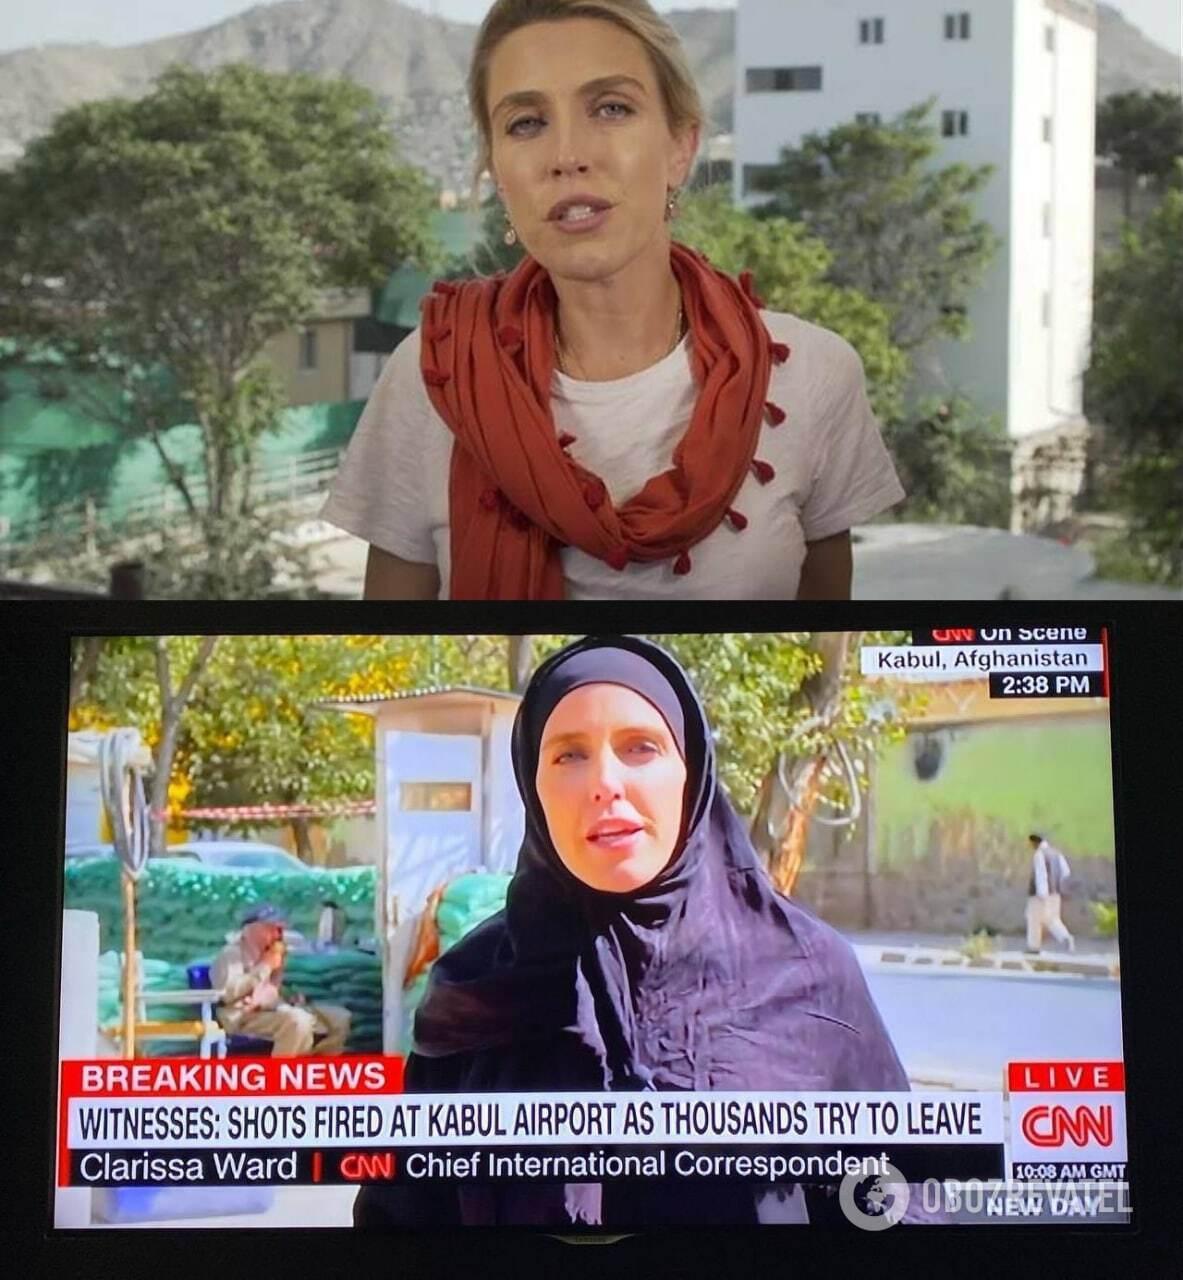 Журналистка CNN выходит в эфир в хиджабе после прихода талибов